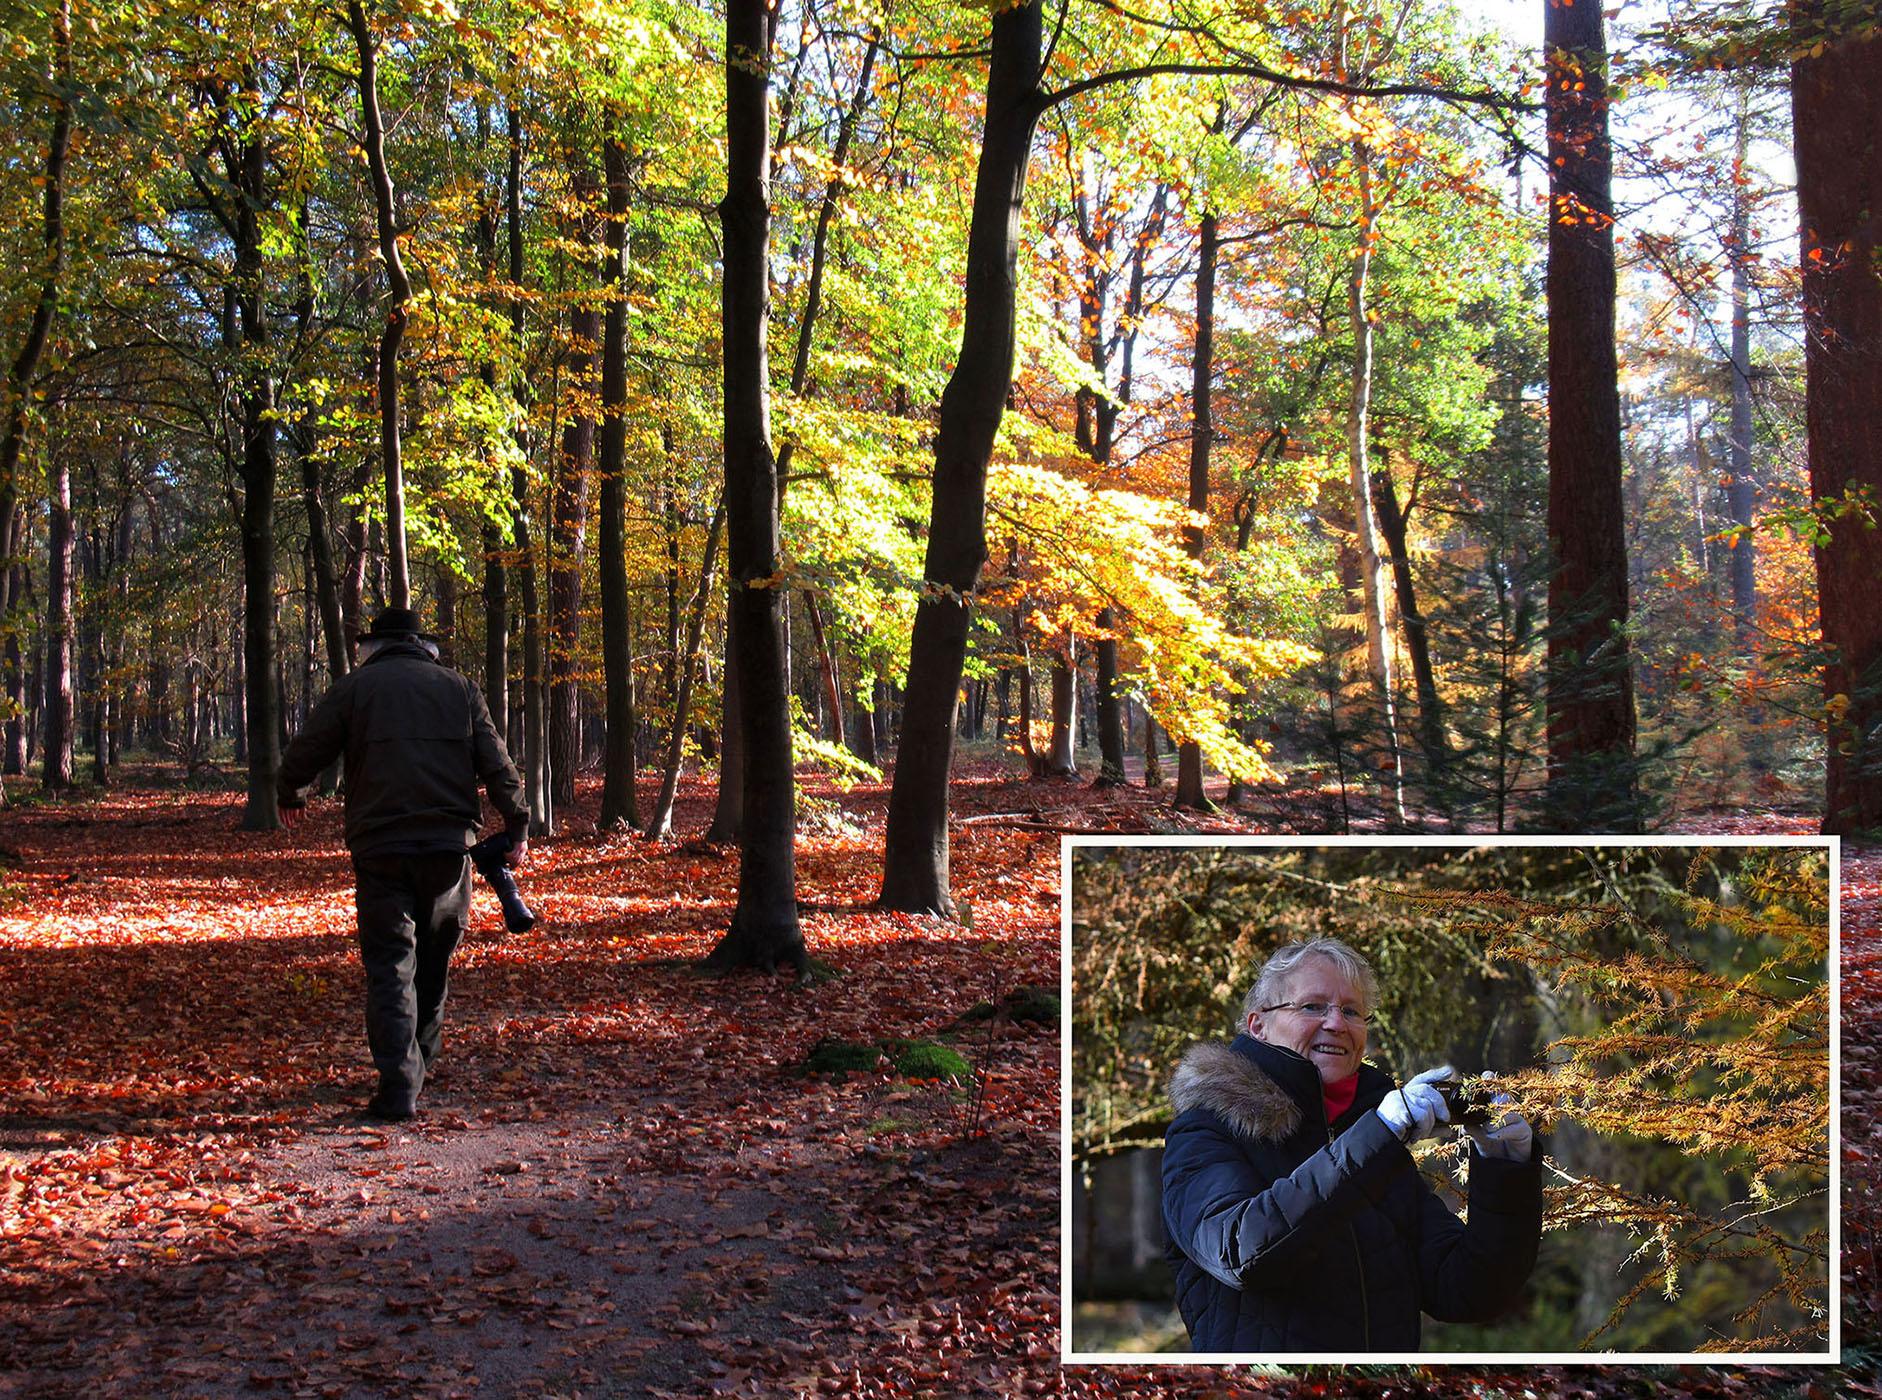 Samen zwerven door het herfstbos met de camera in de hand - Foto: ©Louis en Fransien Fraanje